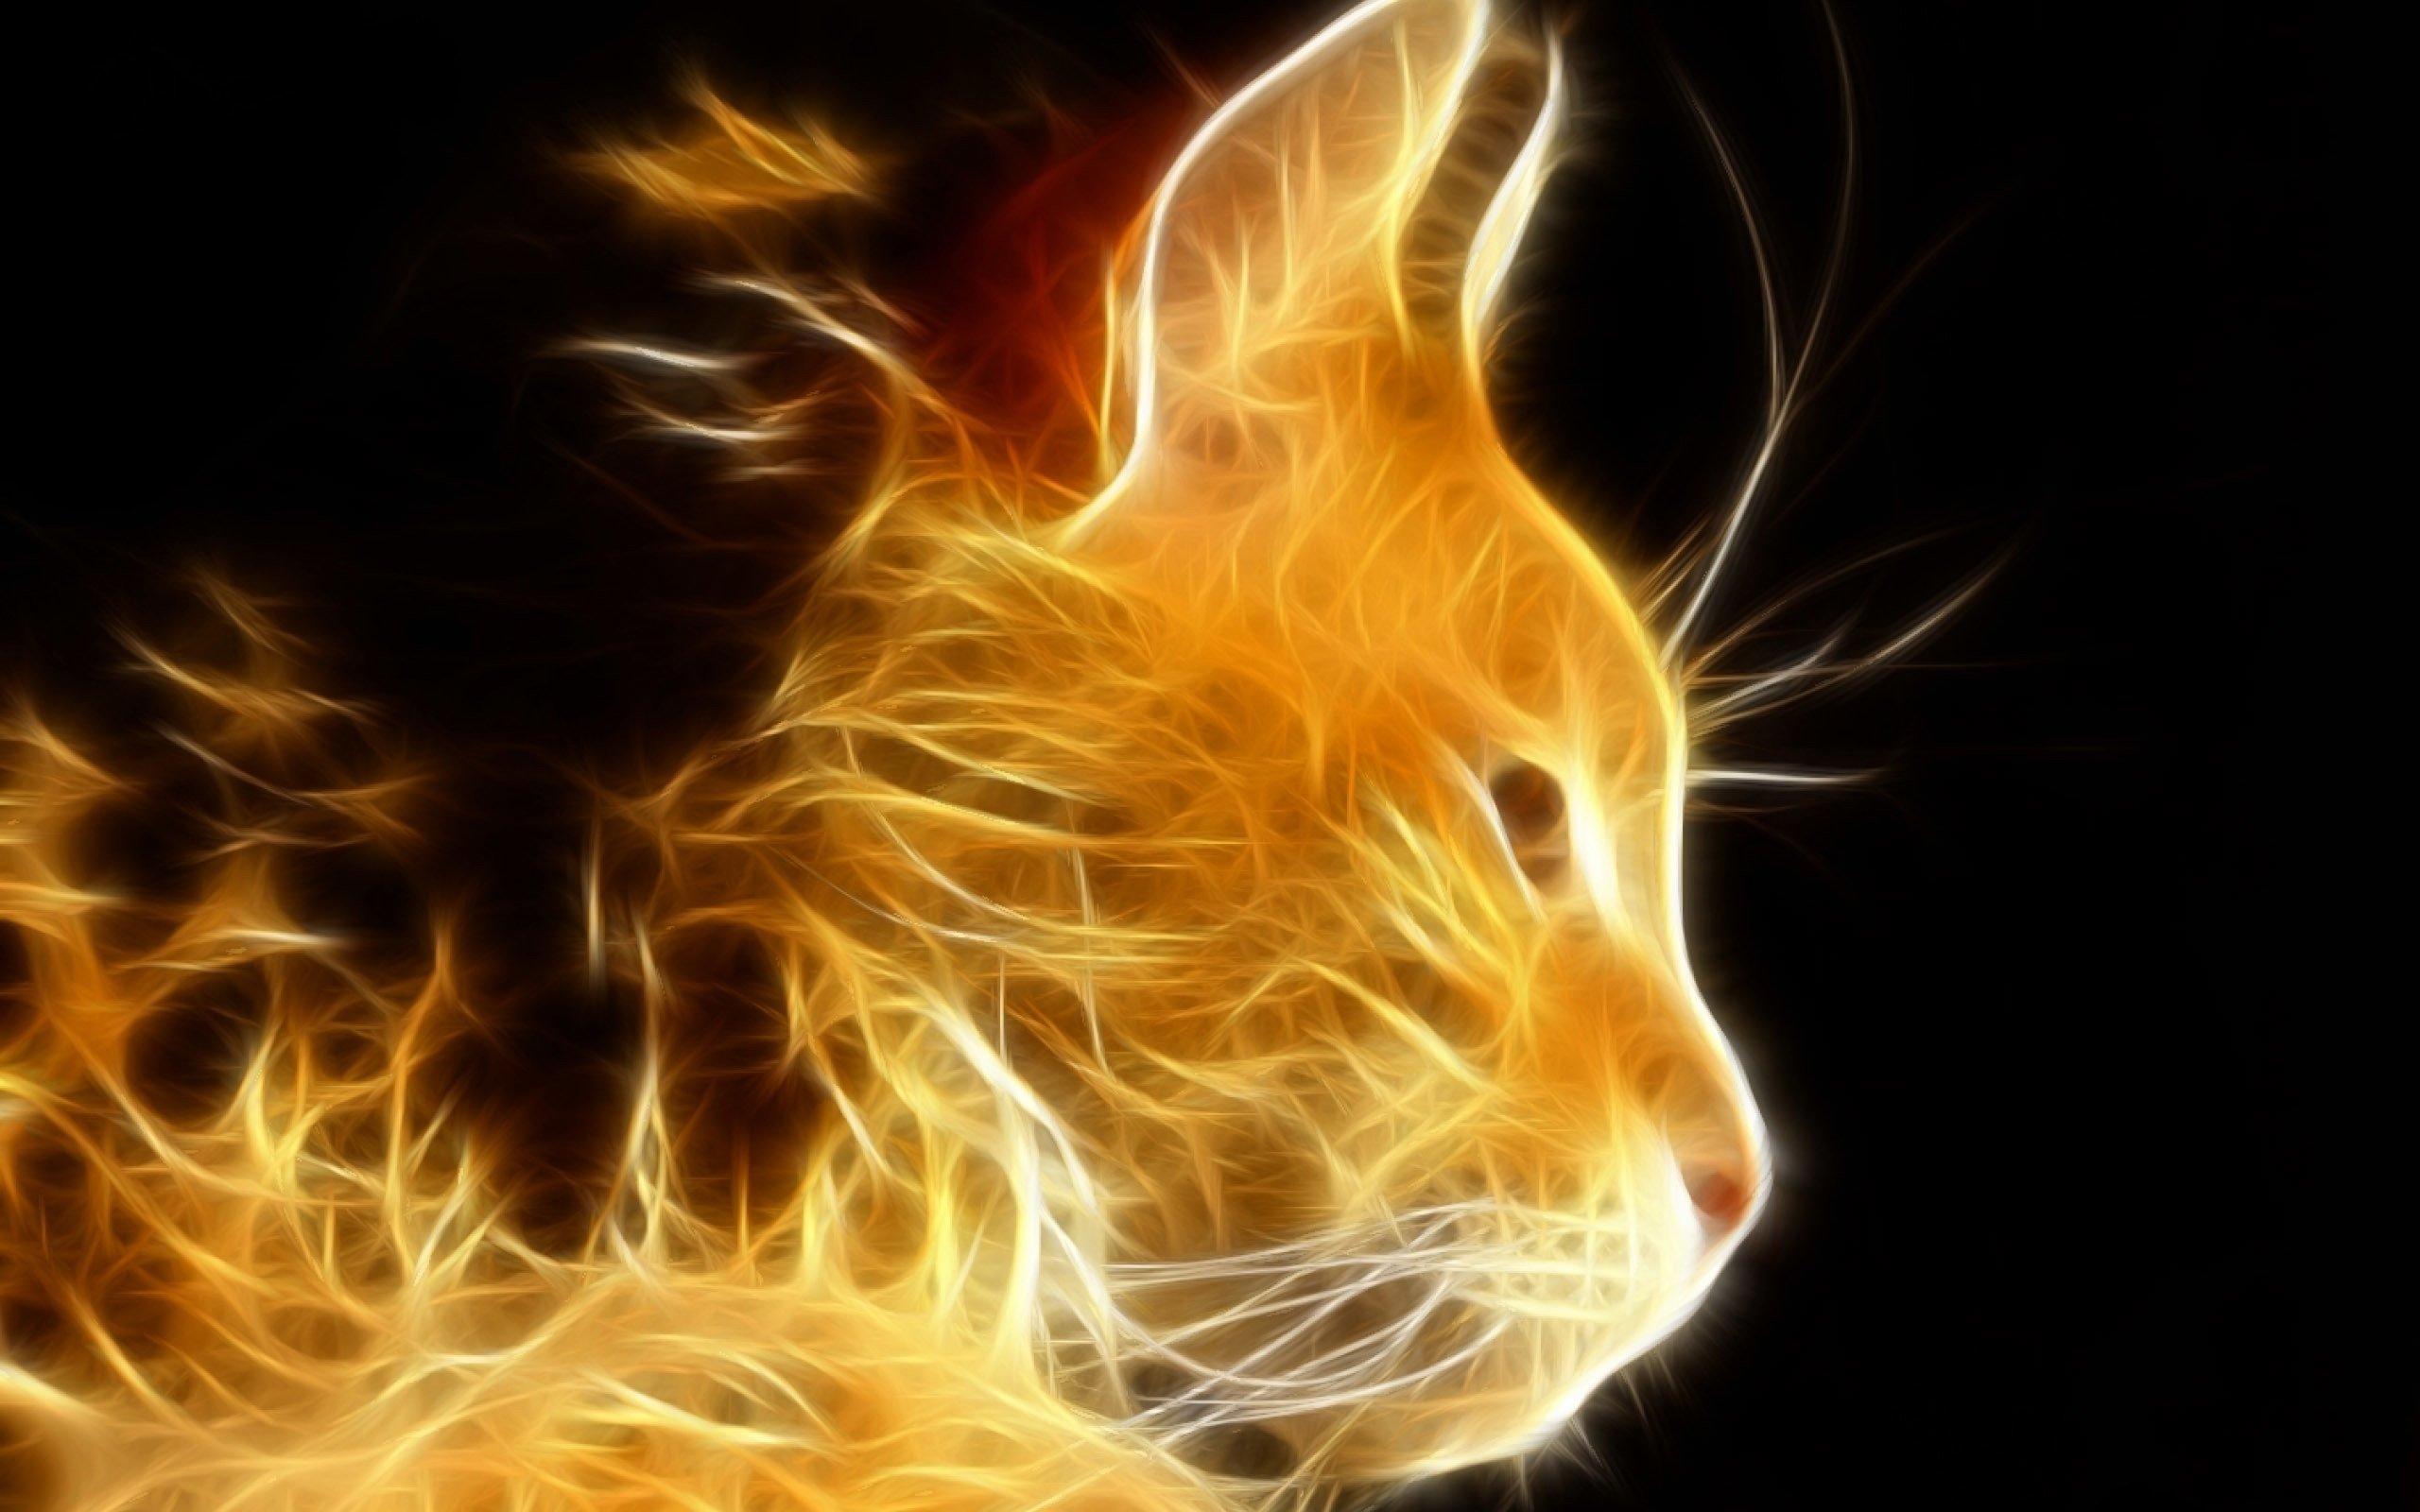 Fire cat Wallpaper 30005 2560x1600